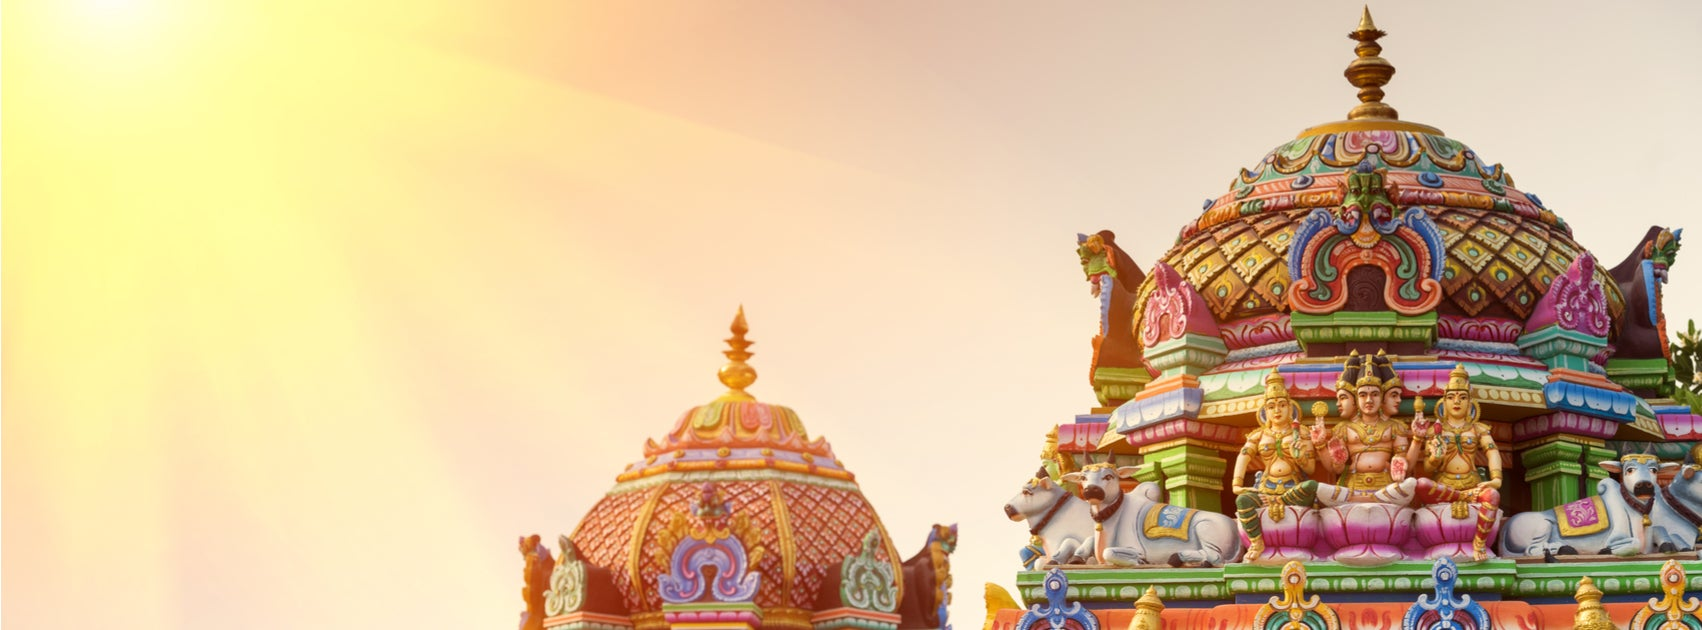 ¿Cómo decorar con estilo hindú?